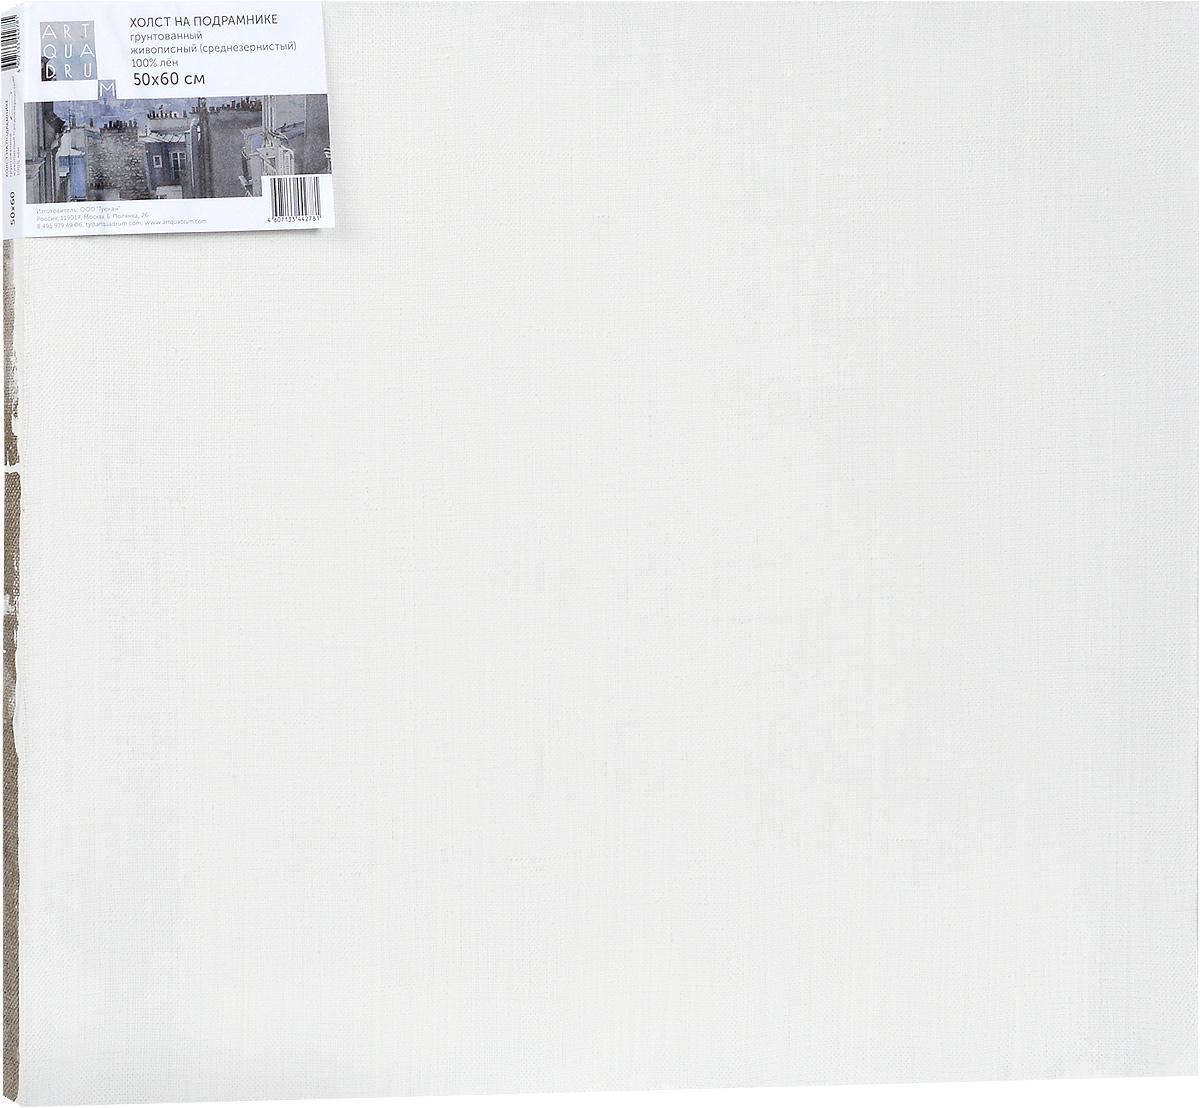 Холст ArtQuaDram Живописный на подрамнике, грунтованный, 50 х 60 смТ0003752Холст на деревянном подрамнике ArtQuaDram Живописный изготовлен из 100% натурального льна. Подходит для профессионалов и художников. Холст не трескается, не впитывает слишком много краски, цвет краски и качество не изменяются. Холст идеально подходит для масляной и акриловой живописи.